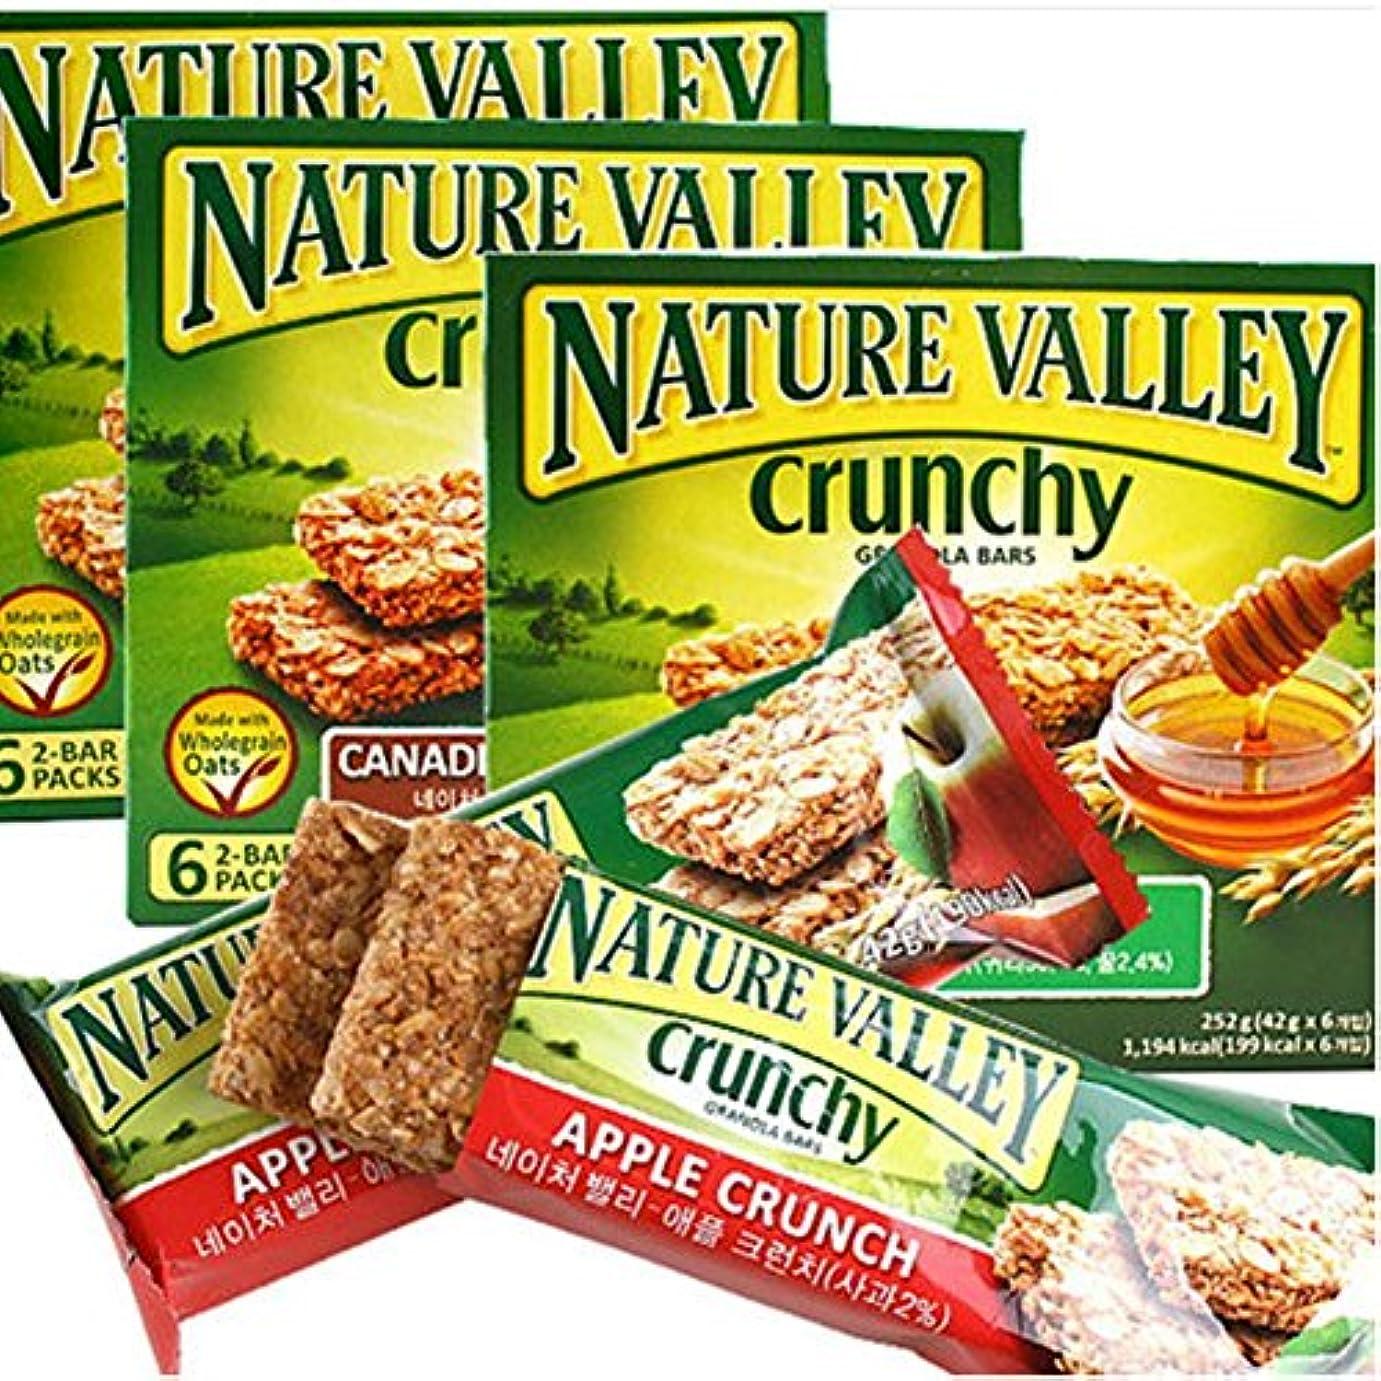 材料ガス素人[ネイチャーバレー/Nature Valley] CANADIAN MAPLE SYRUP/ネイチャーバレークランチグラノーラバー42g5パックx3 Box - メープルシロップ(合計15袋)穀物バー/シリアル/栄養のバー...